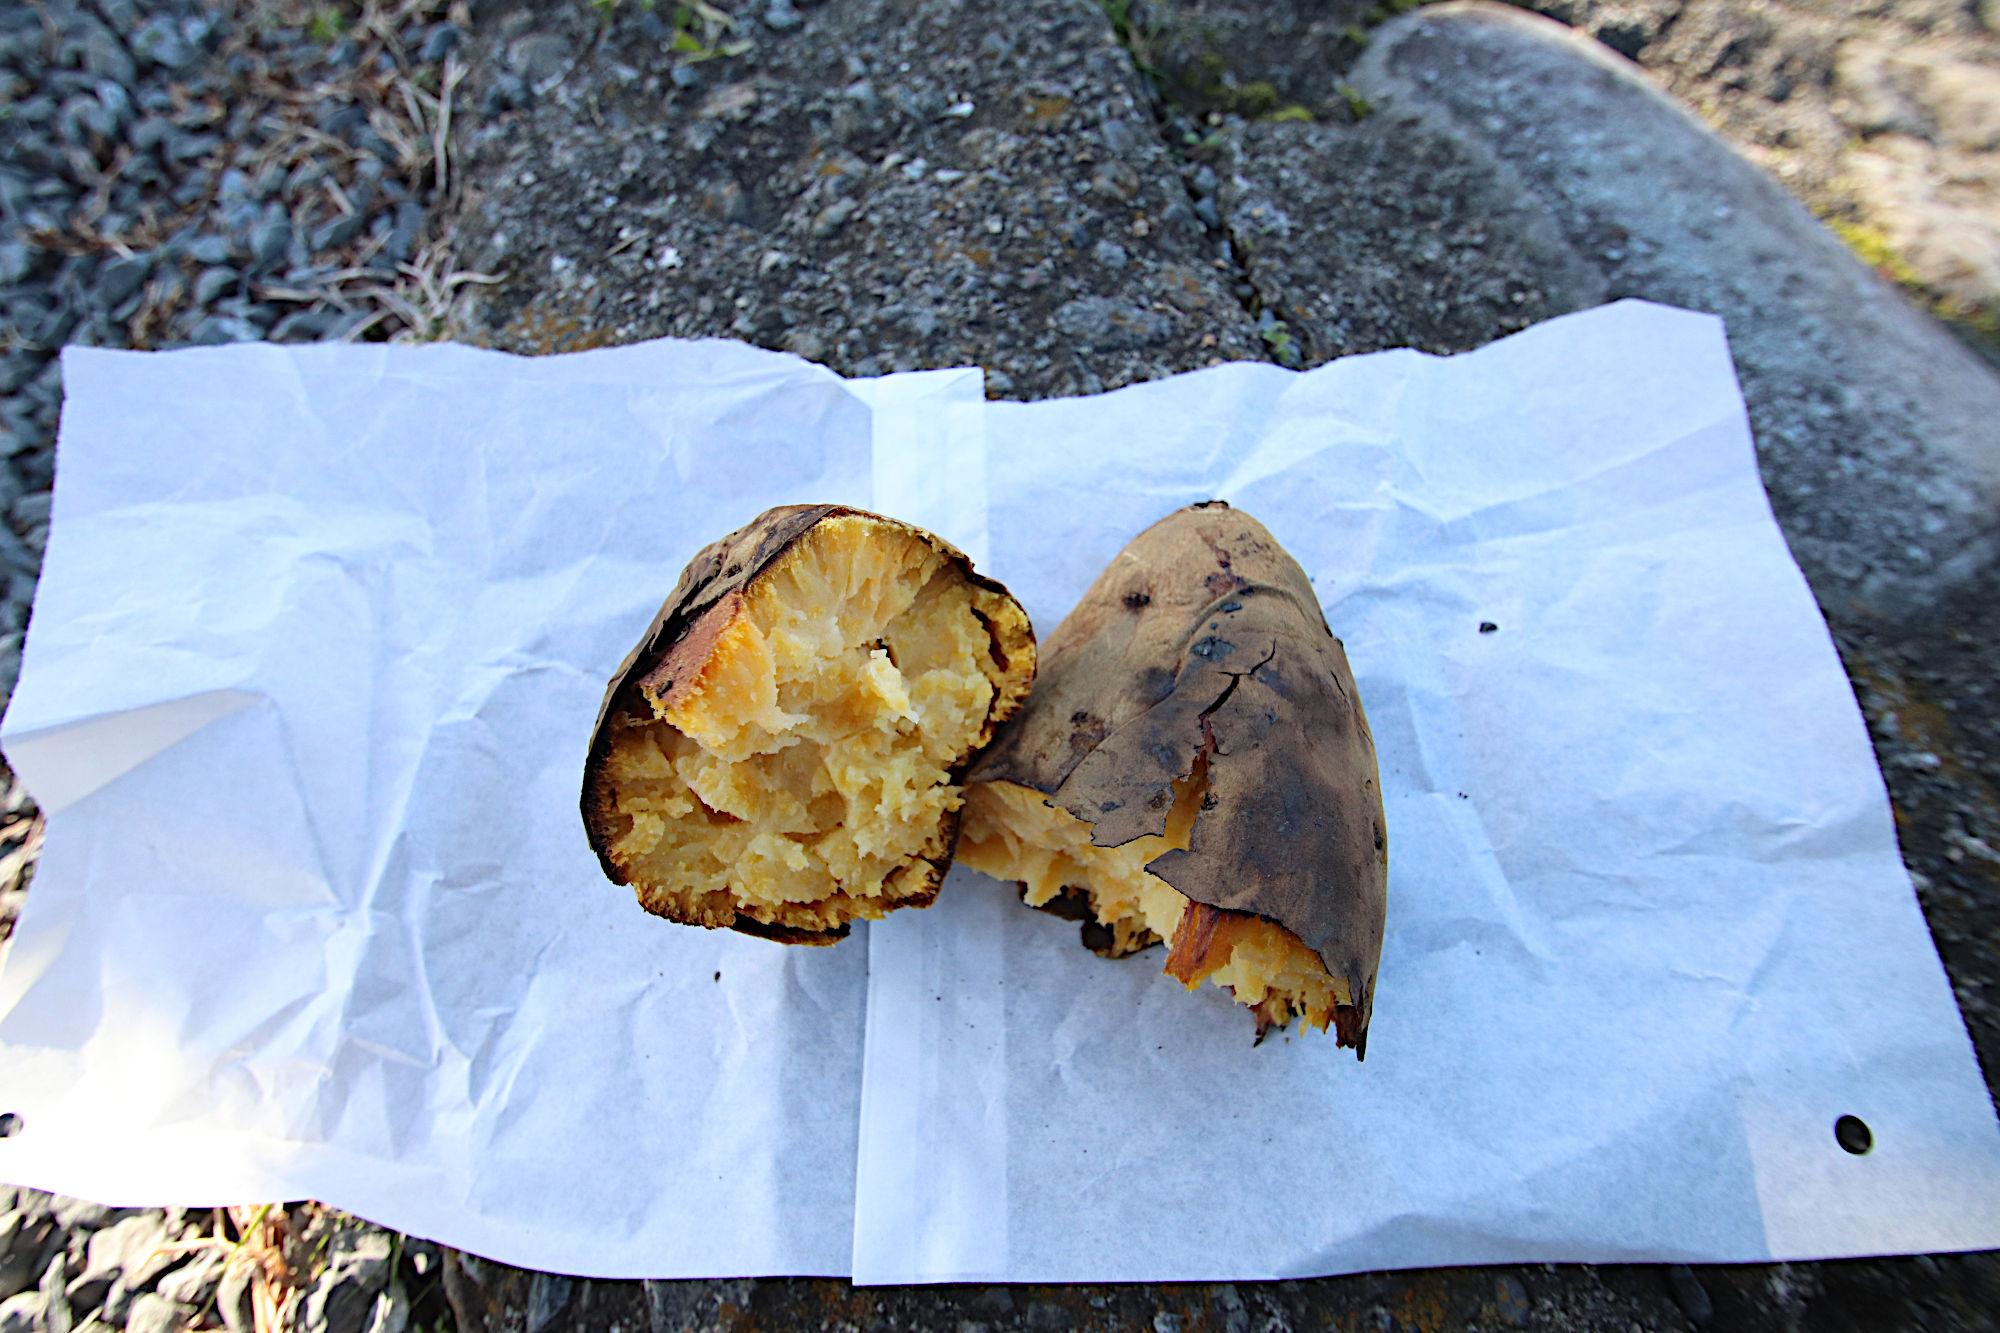 嵐山で食べた焼き芋